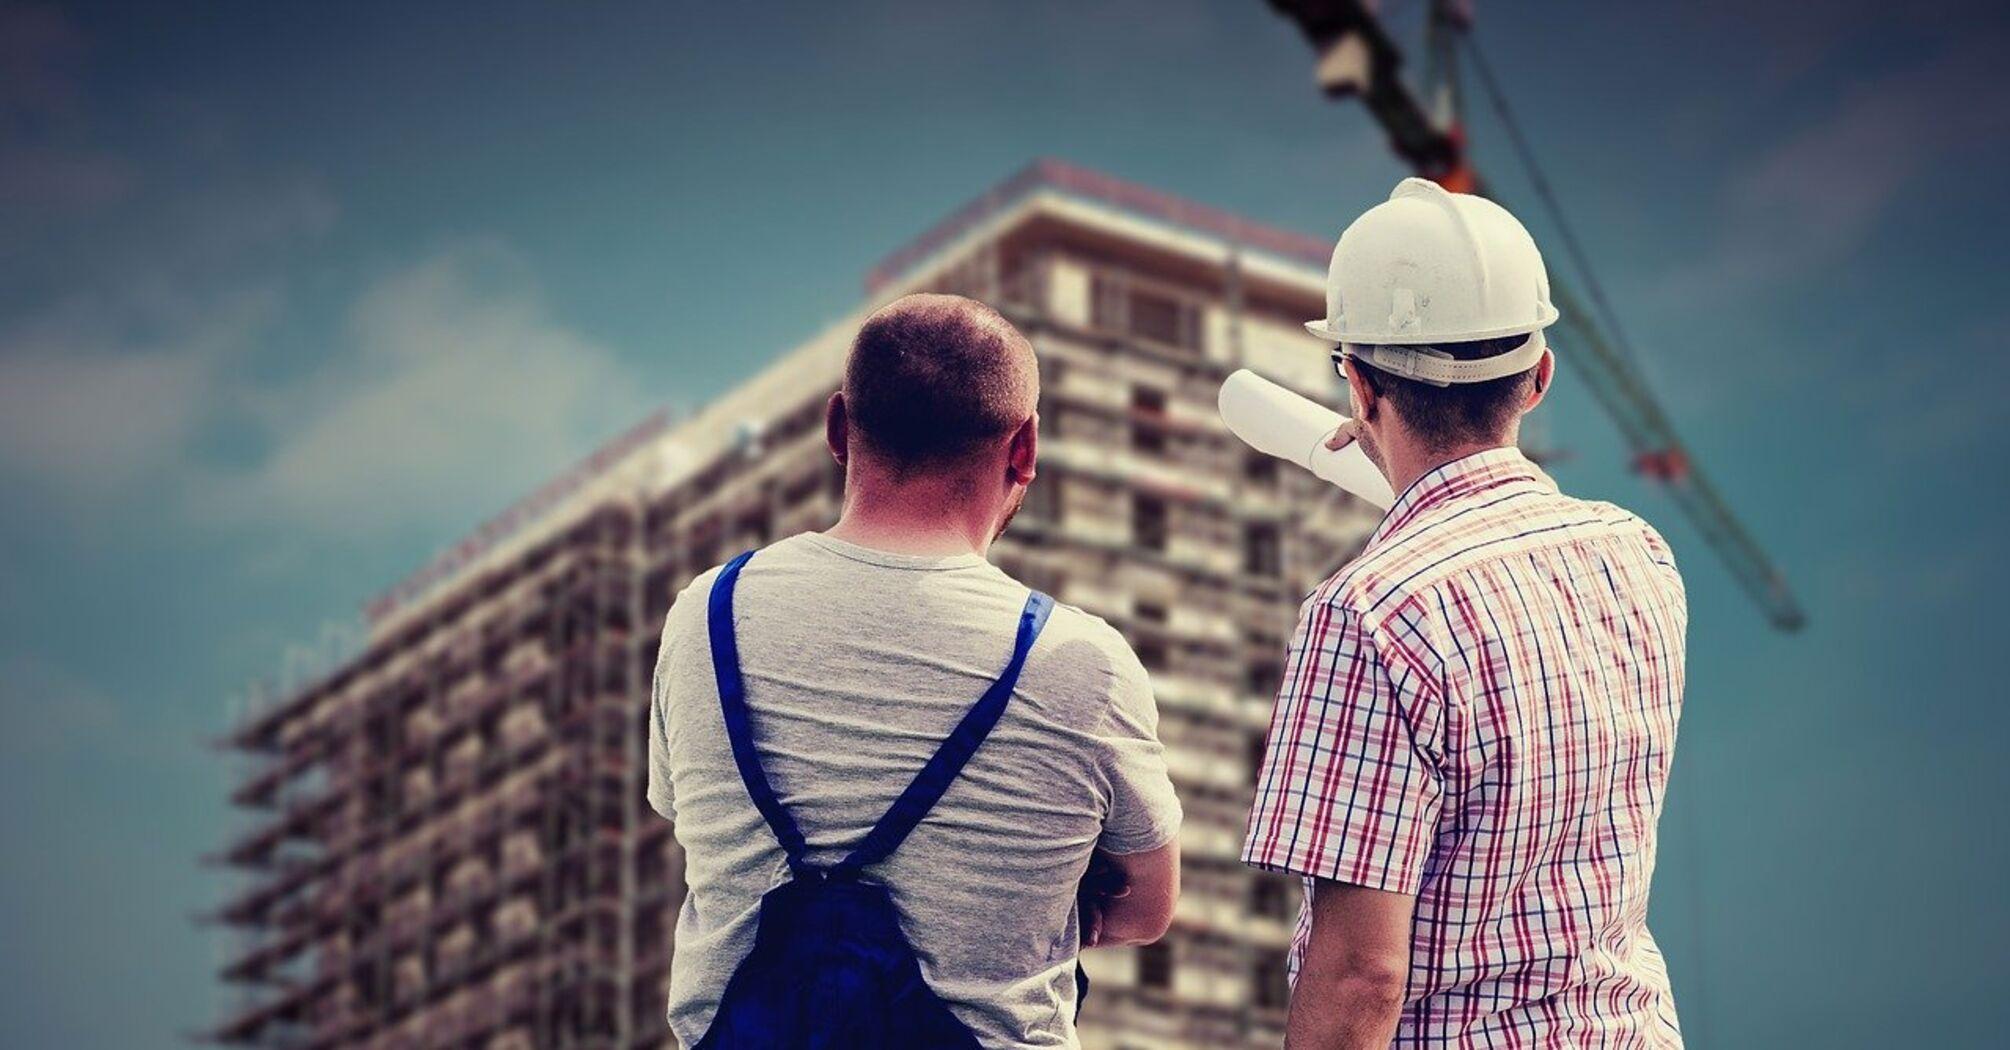 В КГГА объяснили, можно ли строить многоэтажку на приусадебном участке